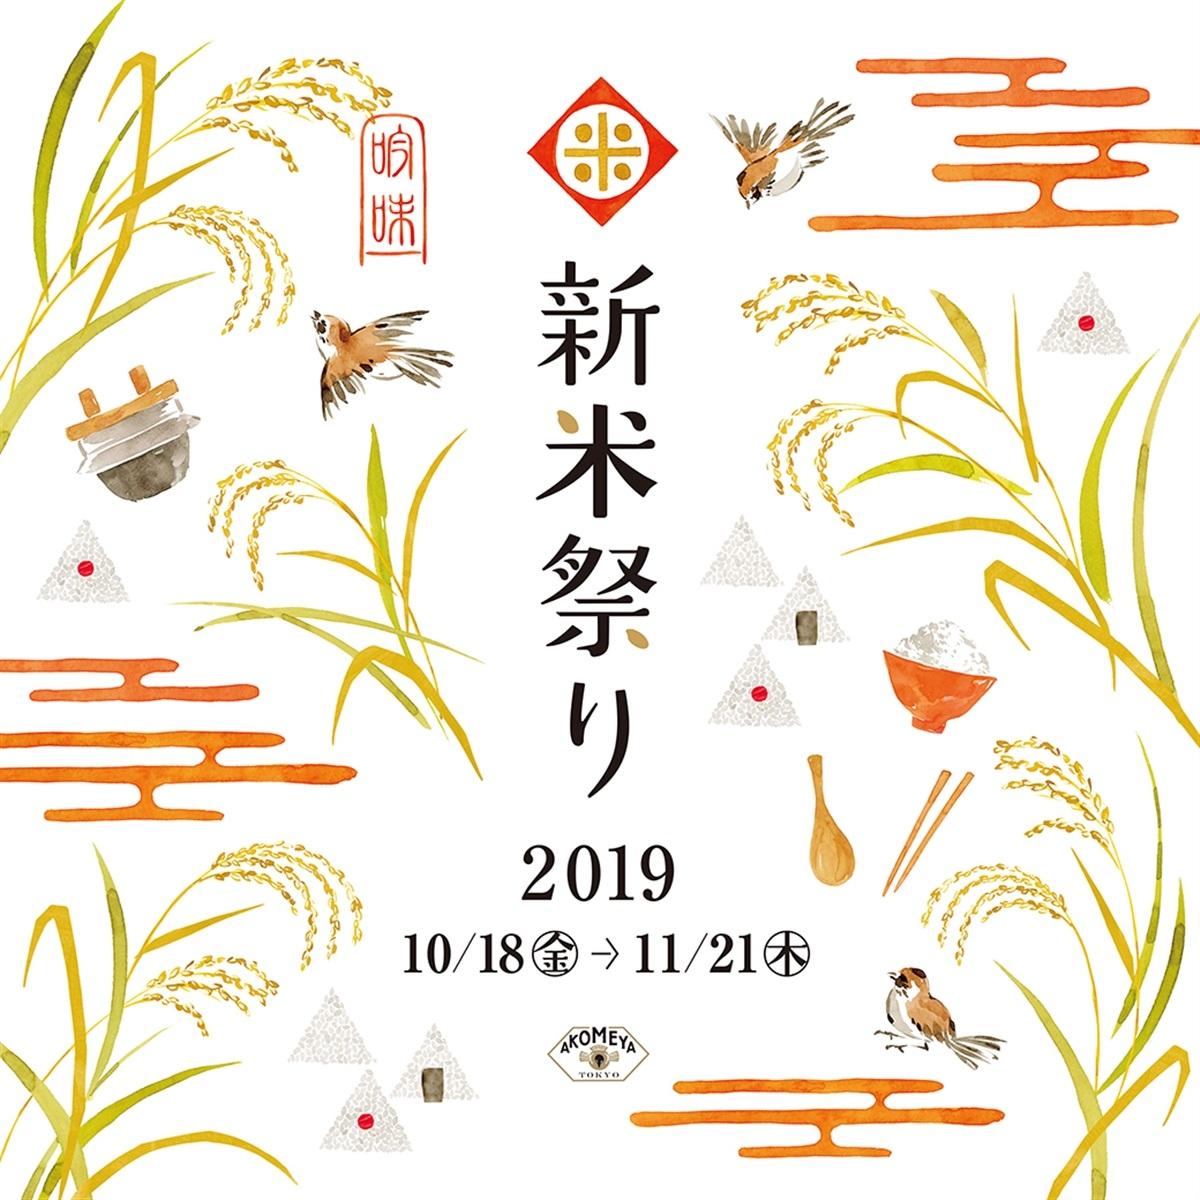 全国津々浦々から選りすぐりの新米が集結!〈AKOMEYA TOKYO〉「新米祭り」開催